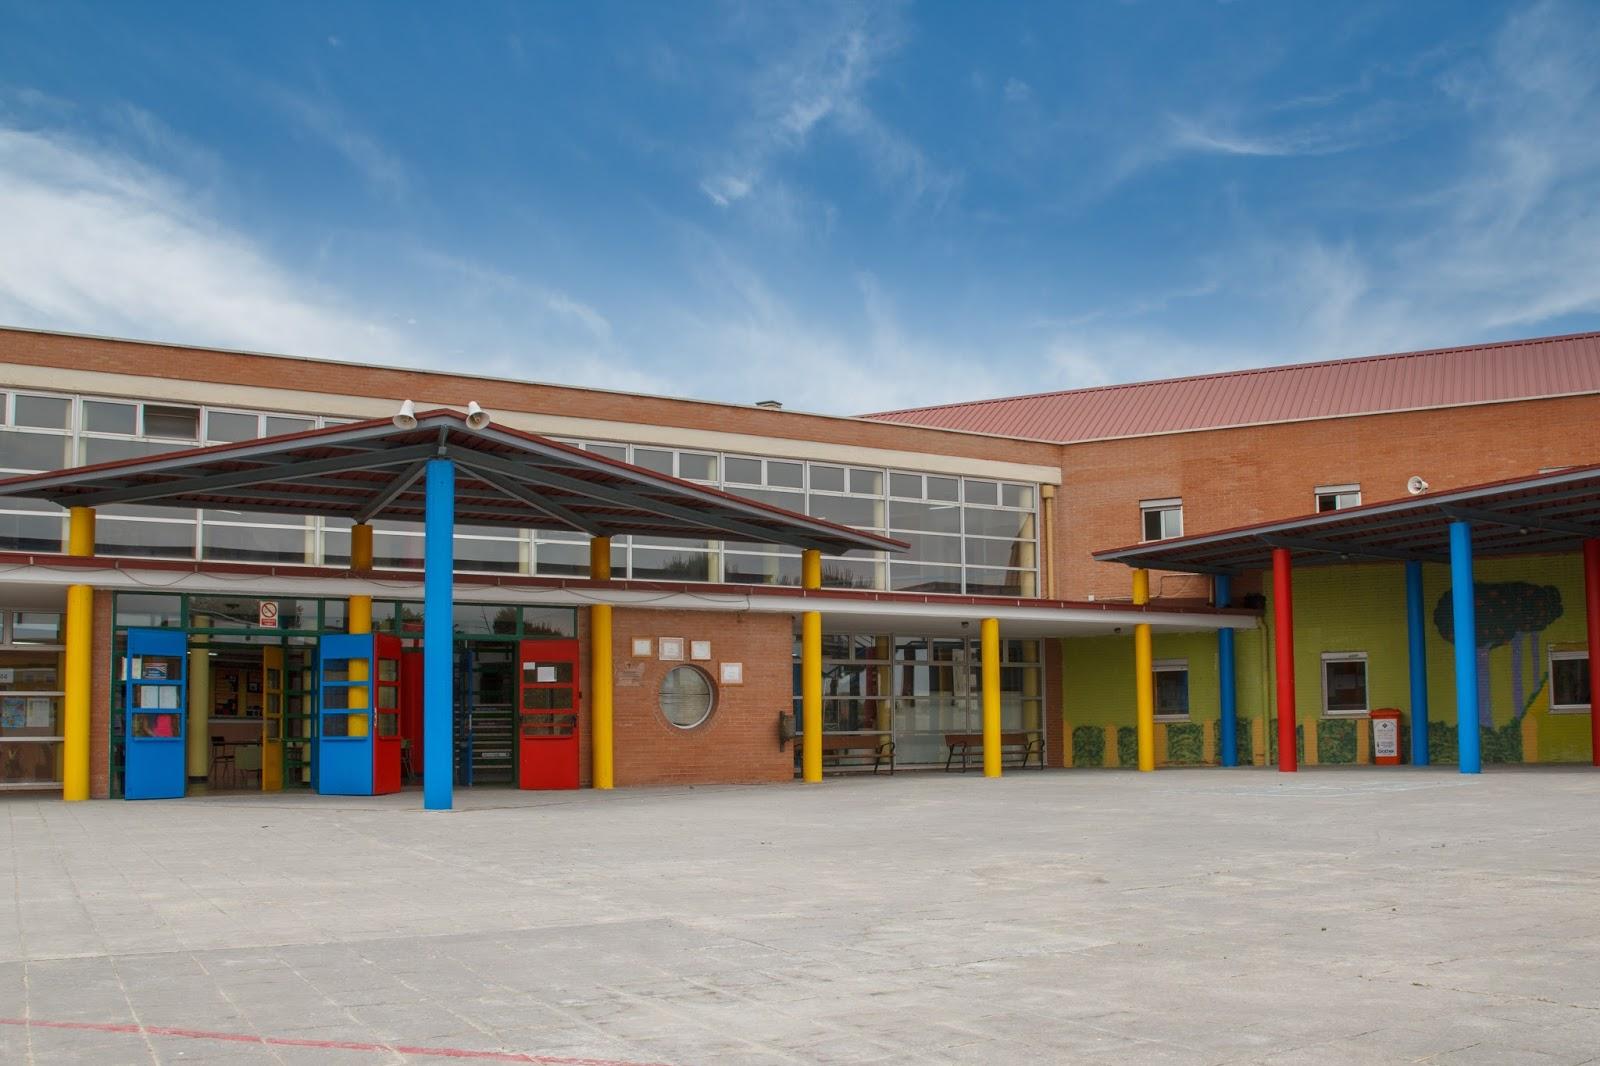 Colegio público Mario Benedetti de Rivas